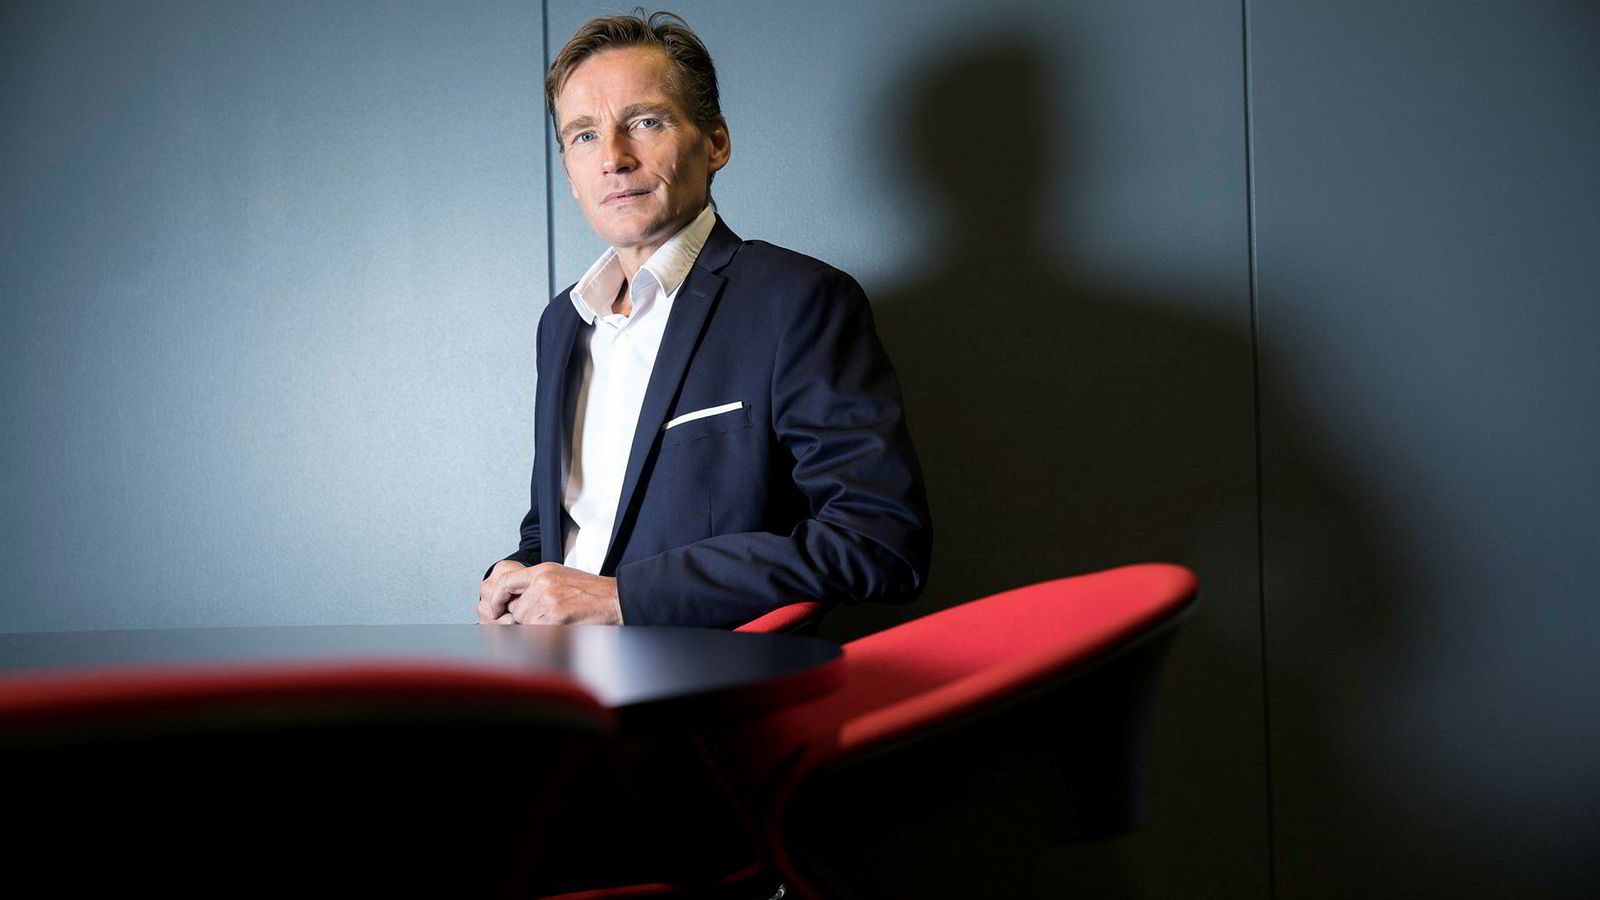 Investeringsdirektør Robert Næss i Nordea Investment Management, mener det er grunn til å være litt bekymret over utviklingen i markedet.